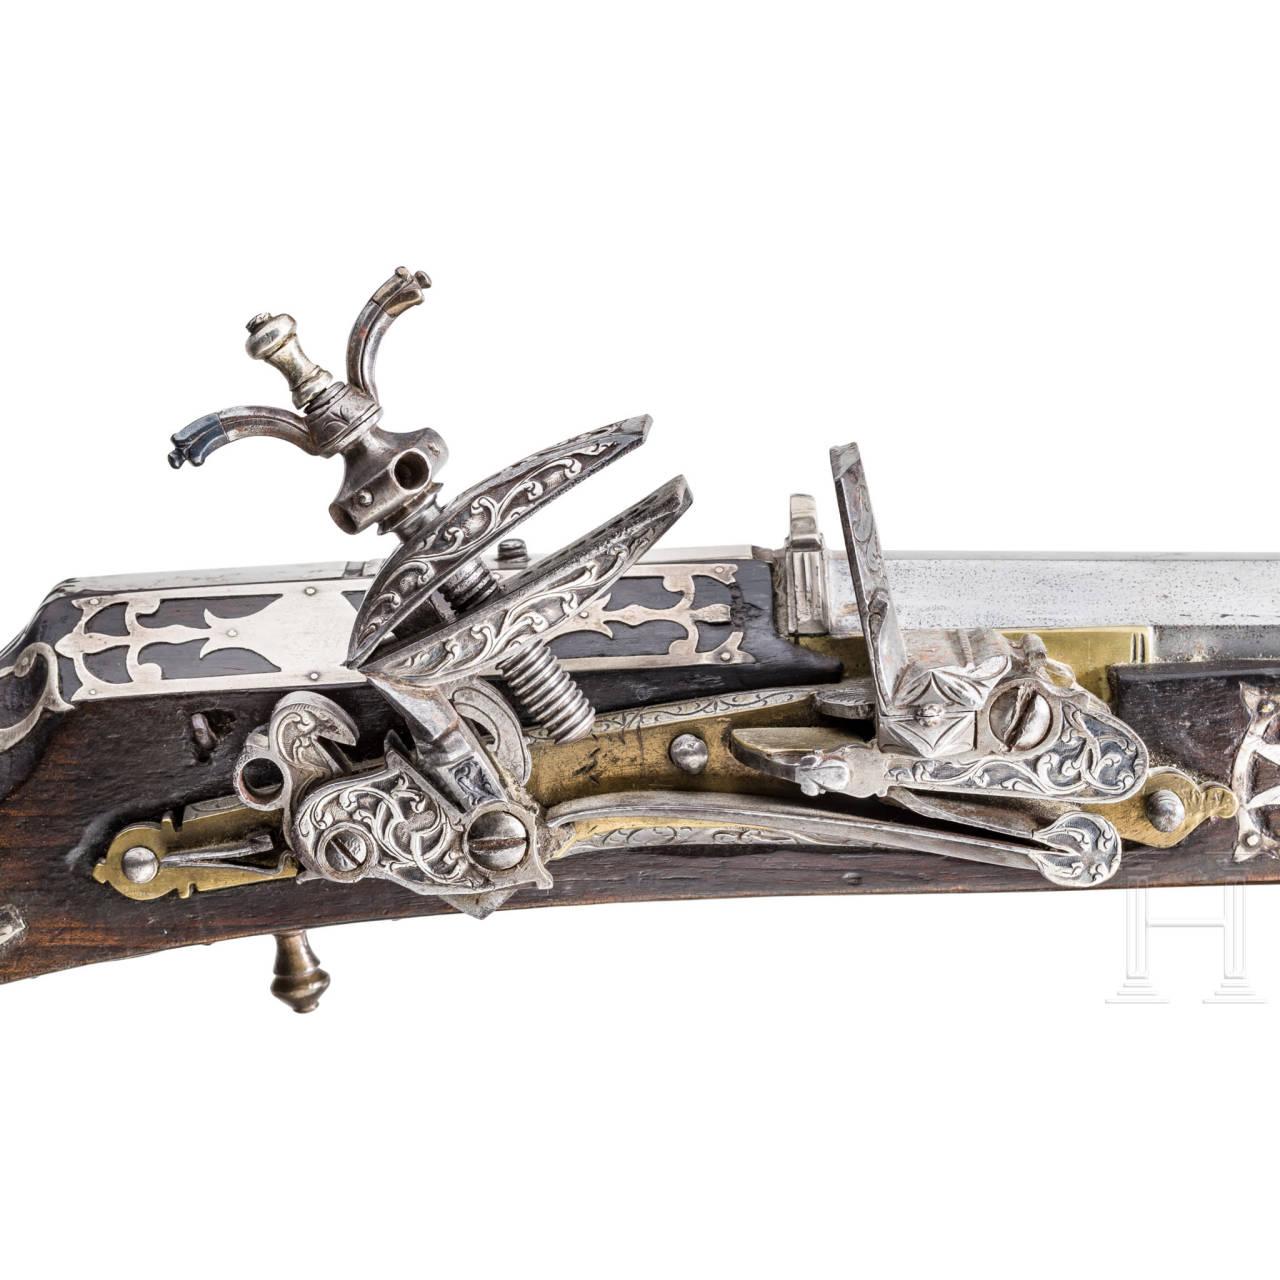 Silbermontiertes Miqueletgewehr, Tunesien, datiert 1824